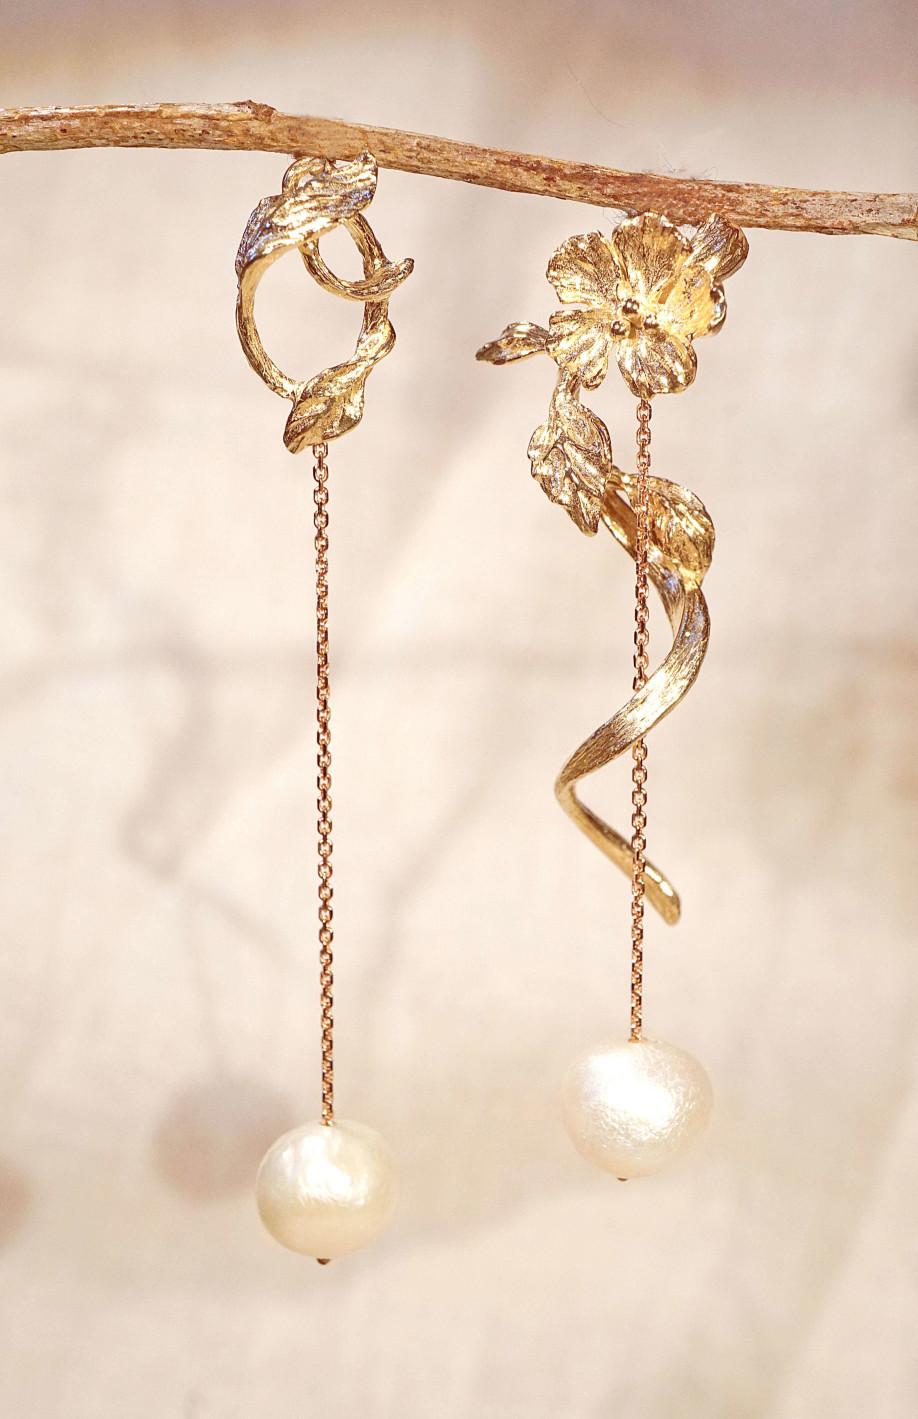 Chia Jewelry訂製輕珠寶首飾|訂製10k金巴洛克珍珠耳環|珍珠夾式耳環